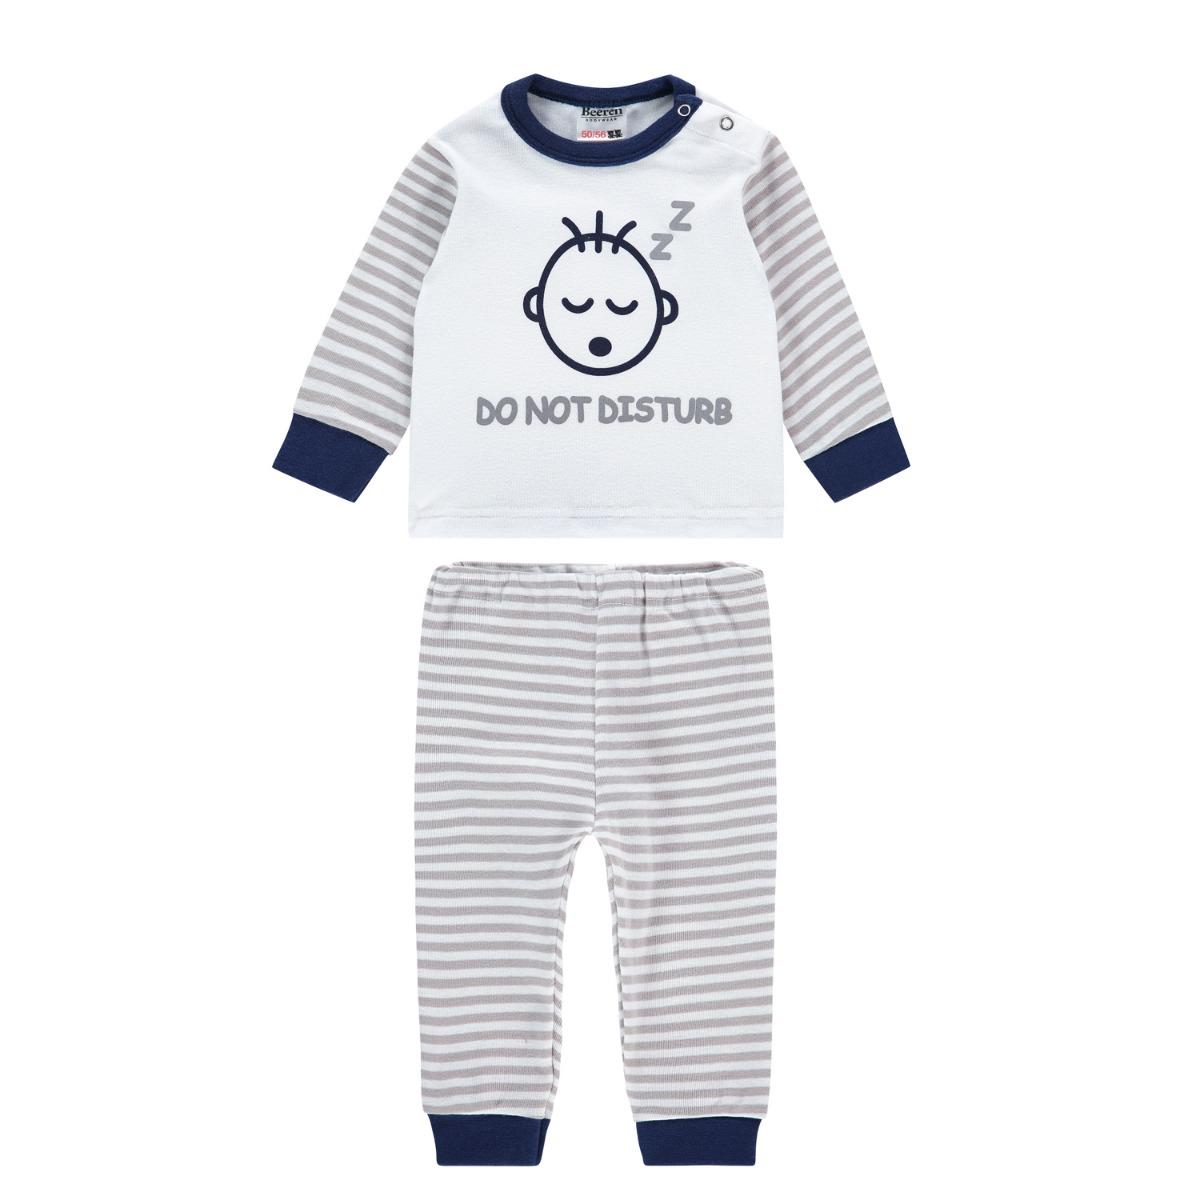 Beeren M3000 Baby Pyjama Do Not Disturb Grey 50/56